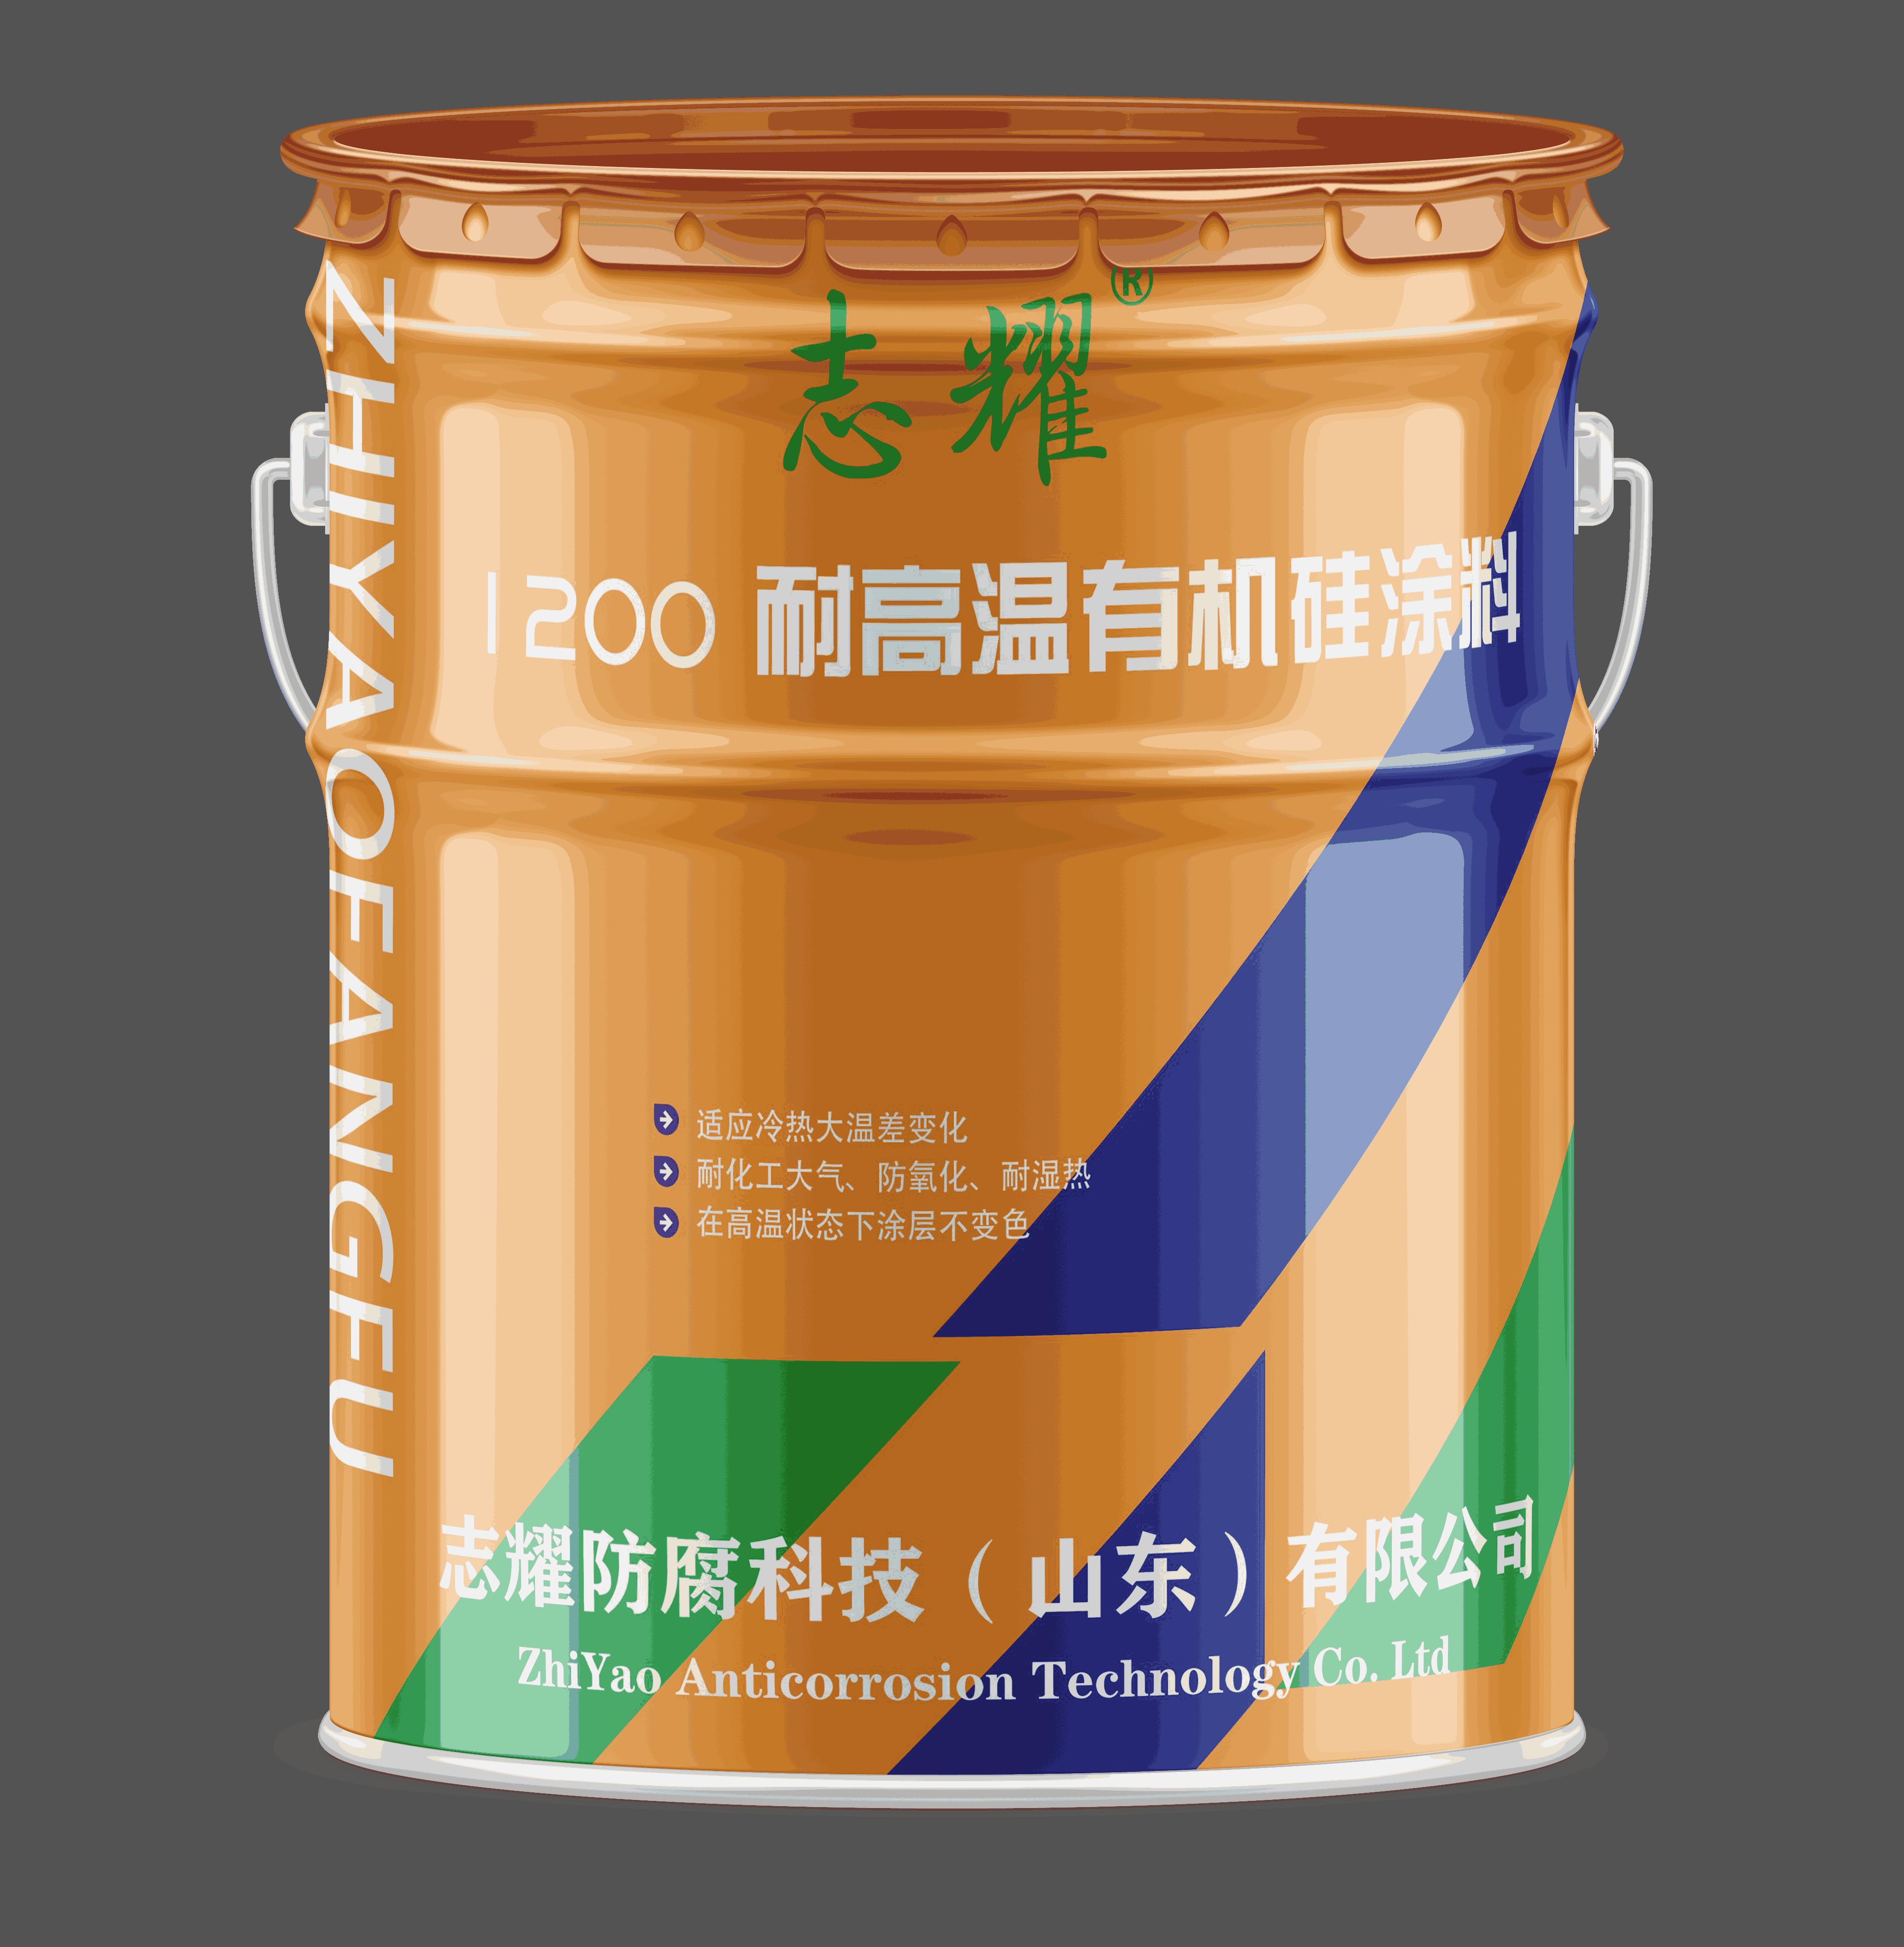 防腐涂料研发化